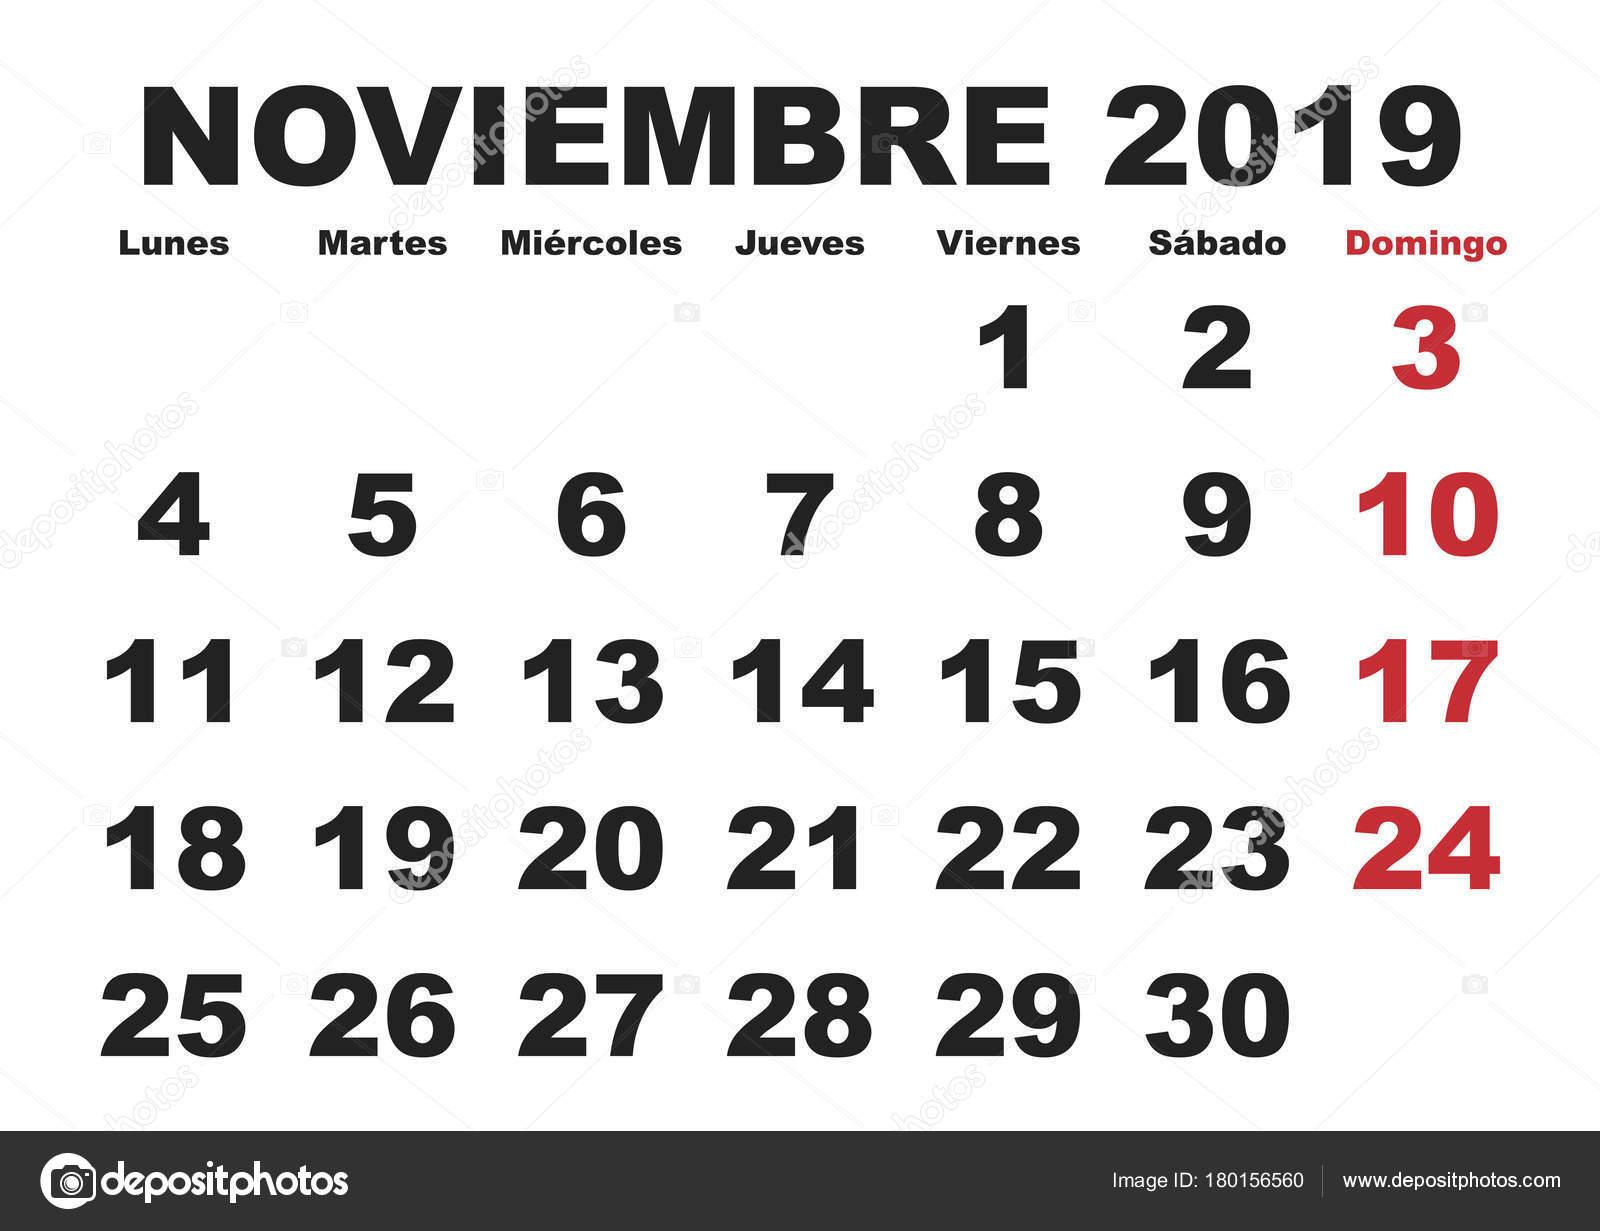 Imagenes Noviembre